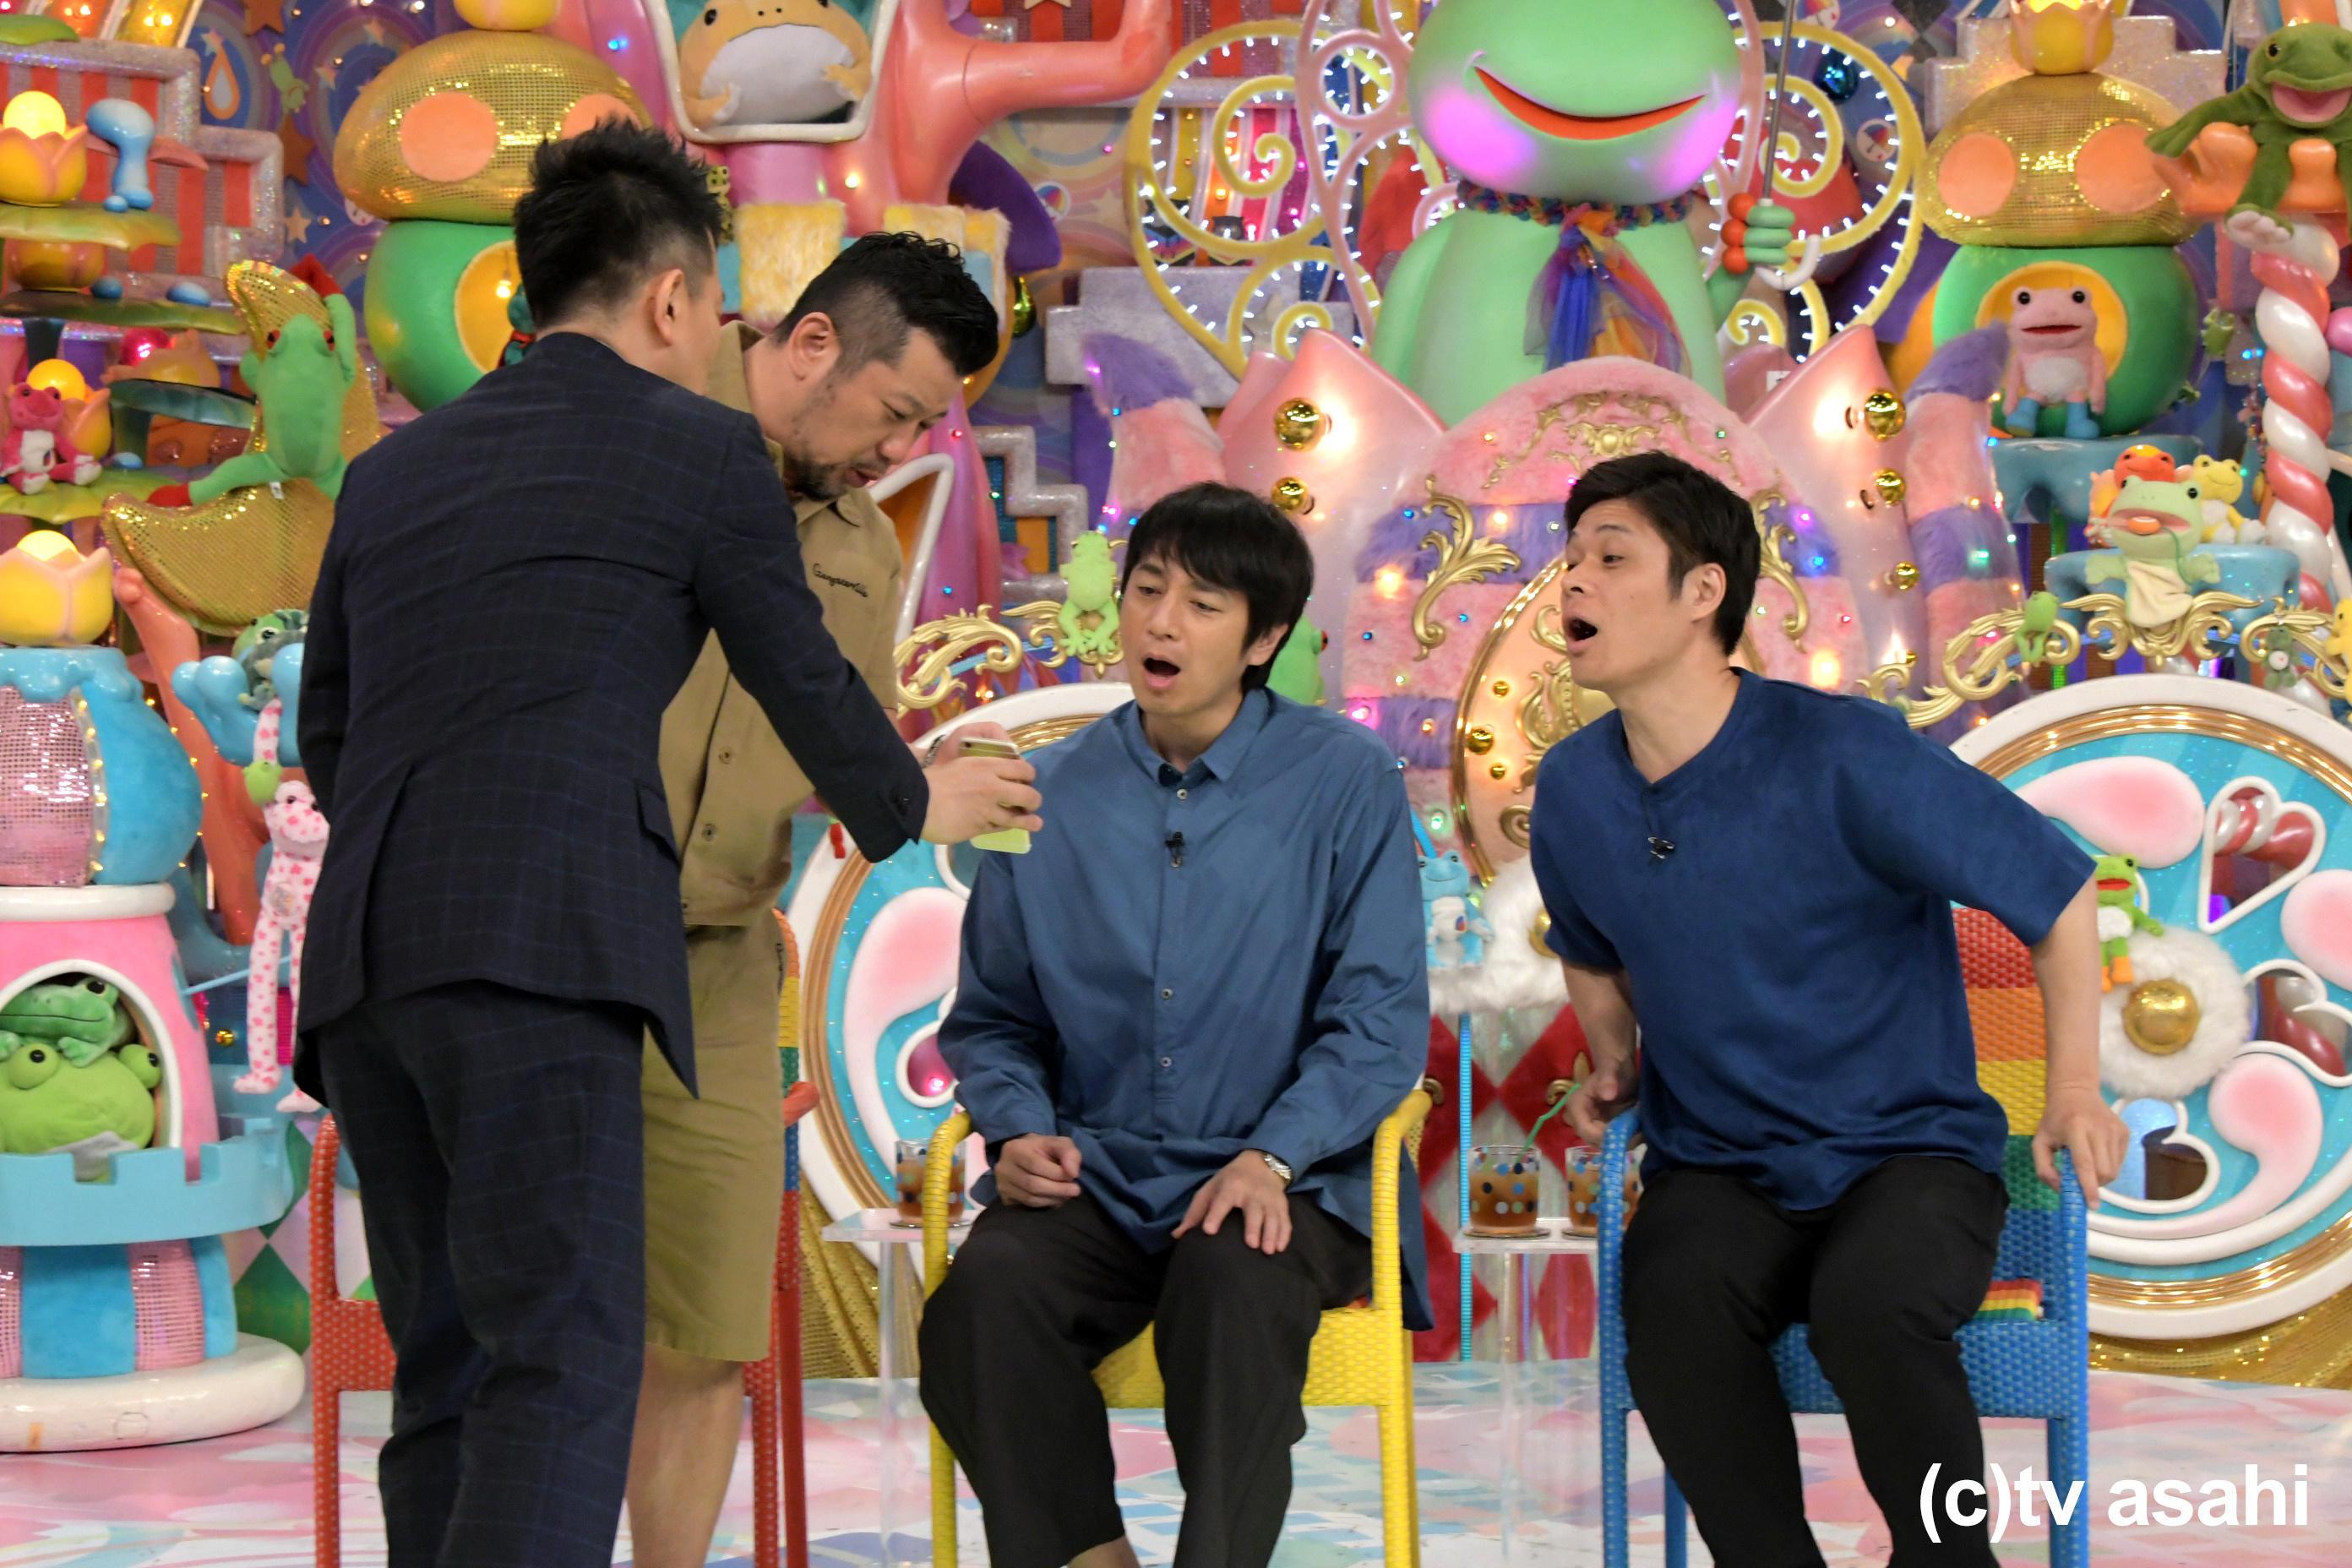 http://news.yoshimoto.co.jp/20180525102001-902069f2da98cd30774ee18376e3ff17f6e3a077.jpg